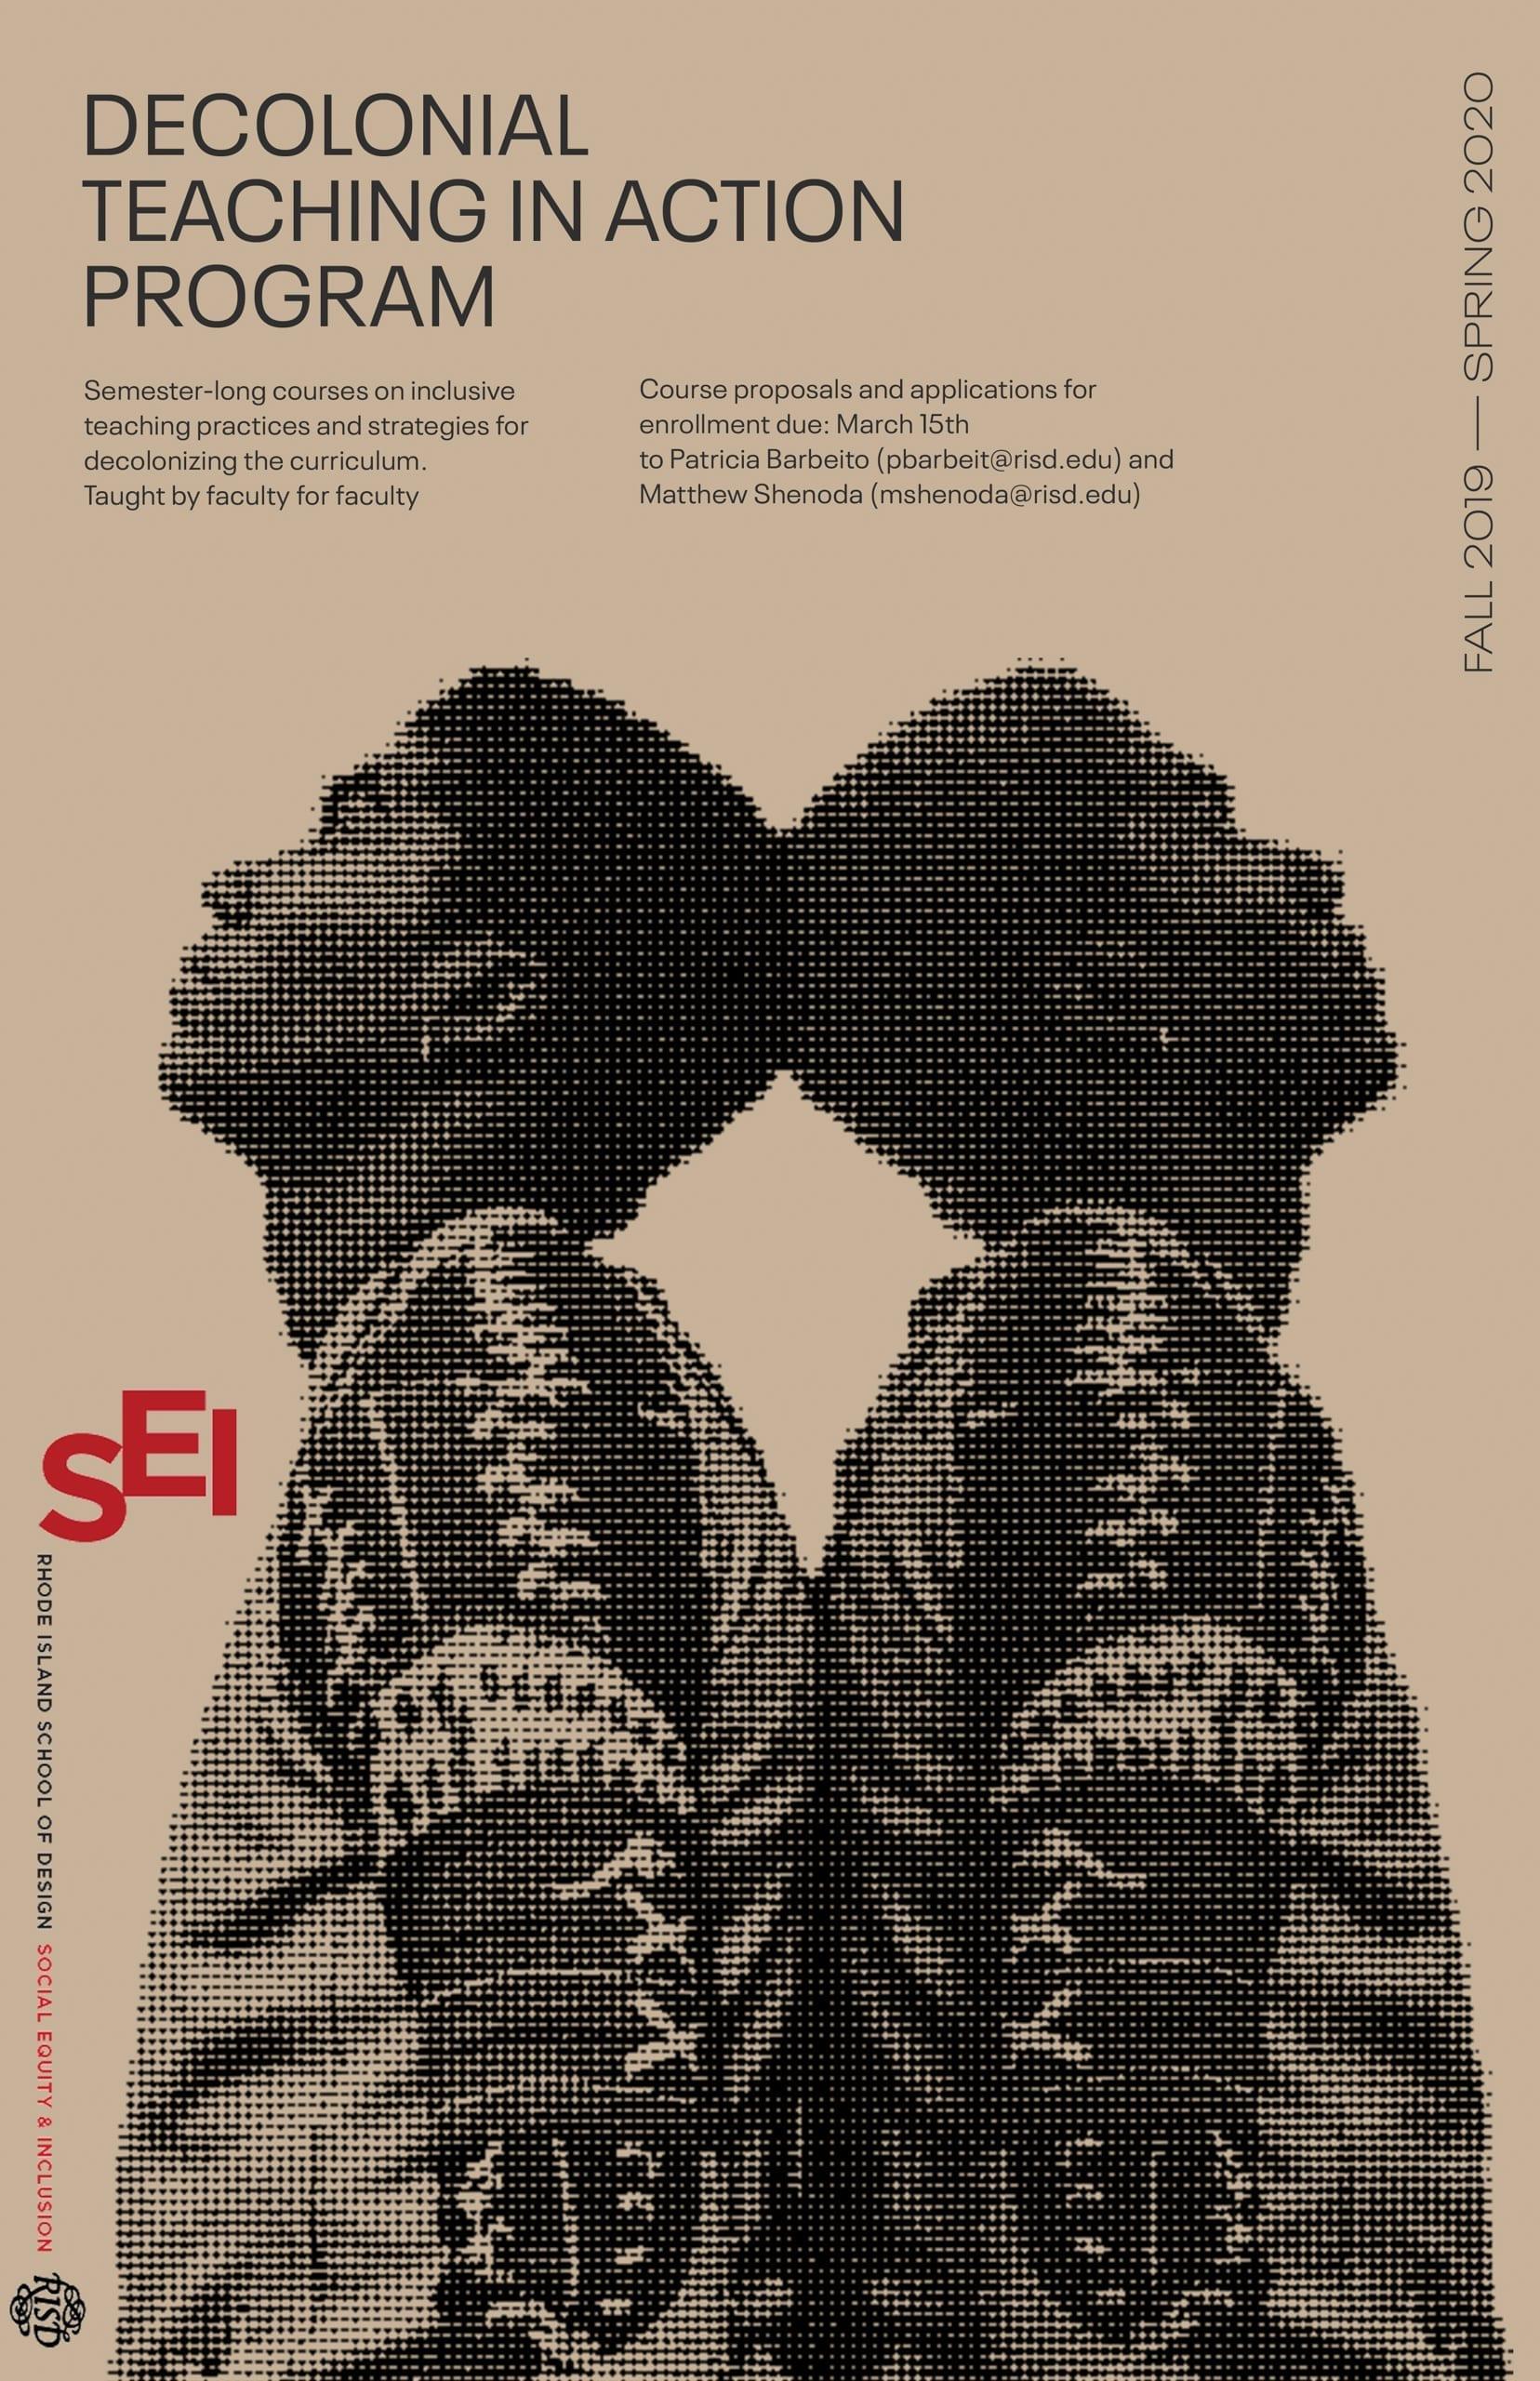 SEI Poster